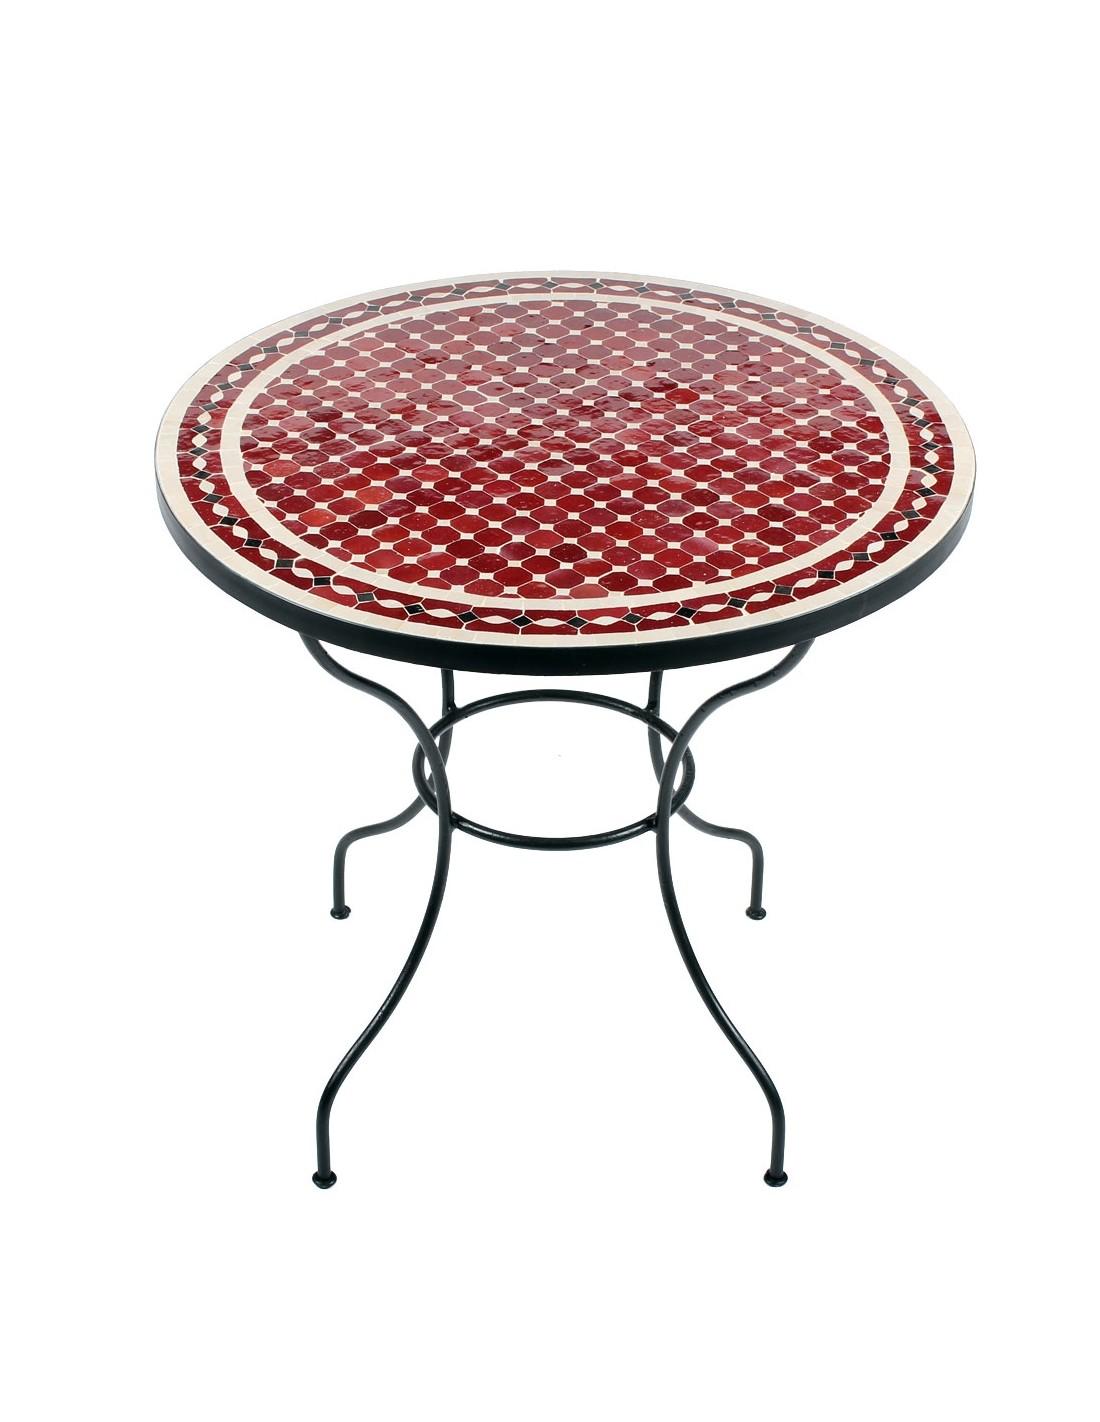 Gartentisch Rund 120 Cm Cool Destiny Tisch Sevilla Ii Gartentisch